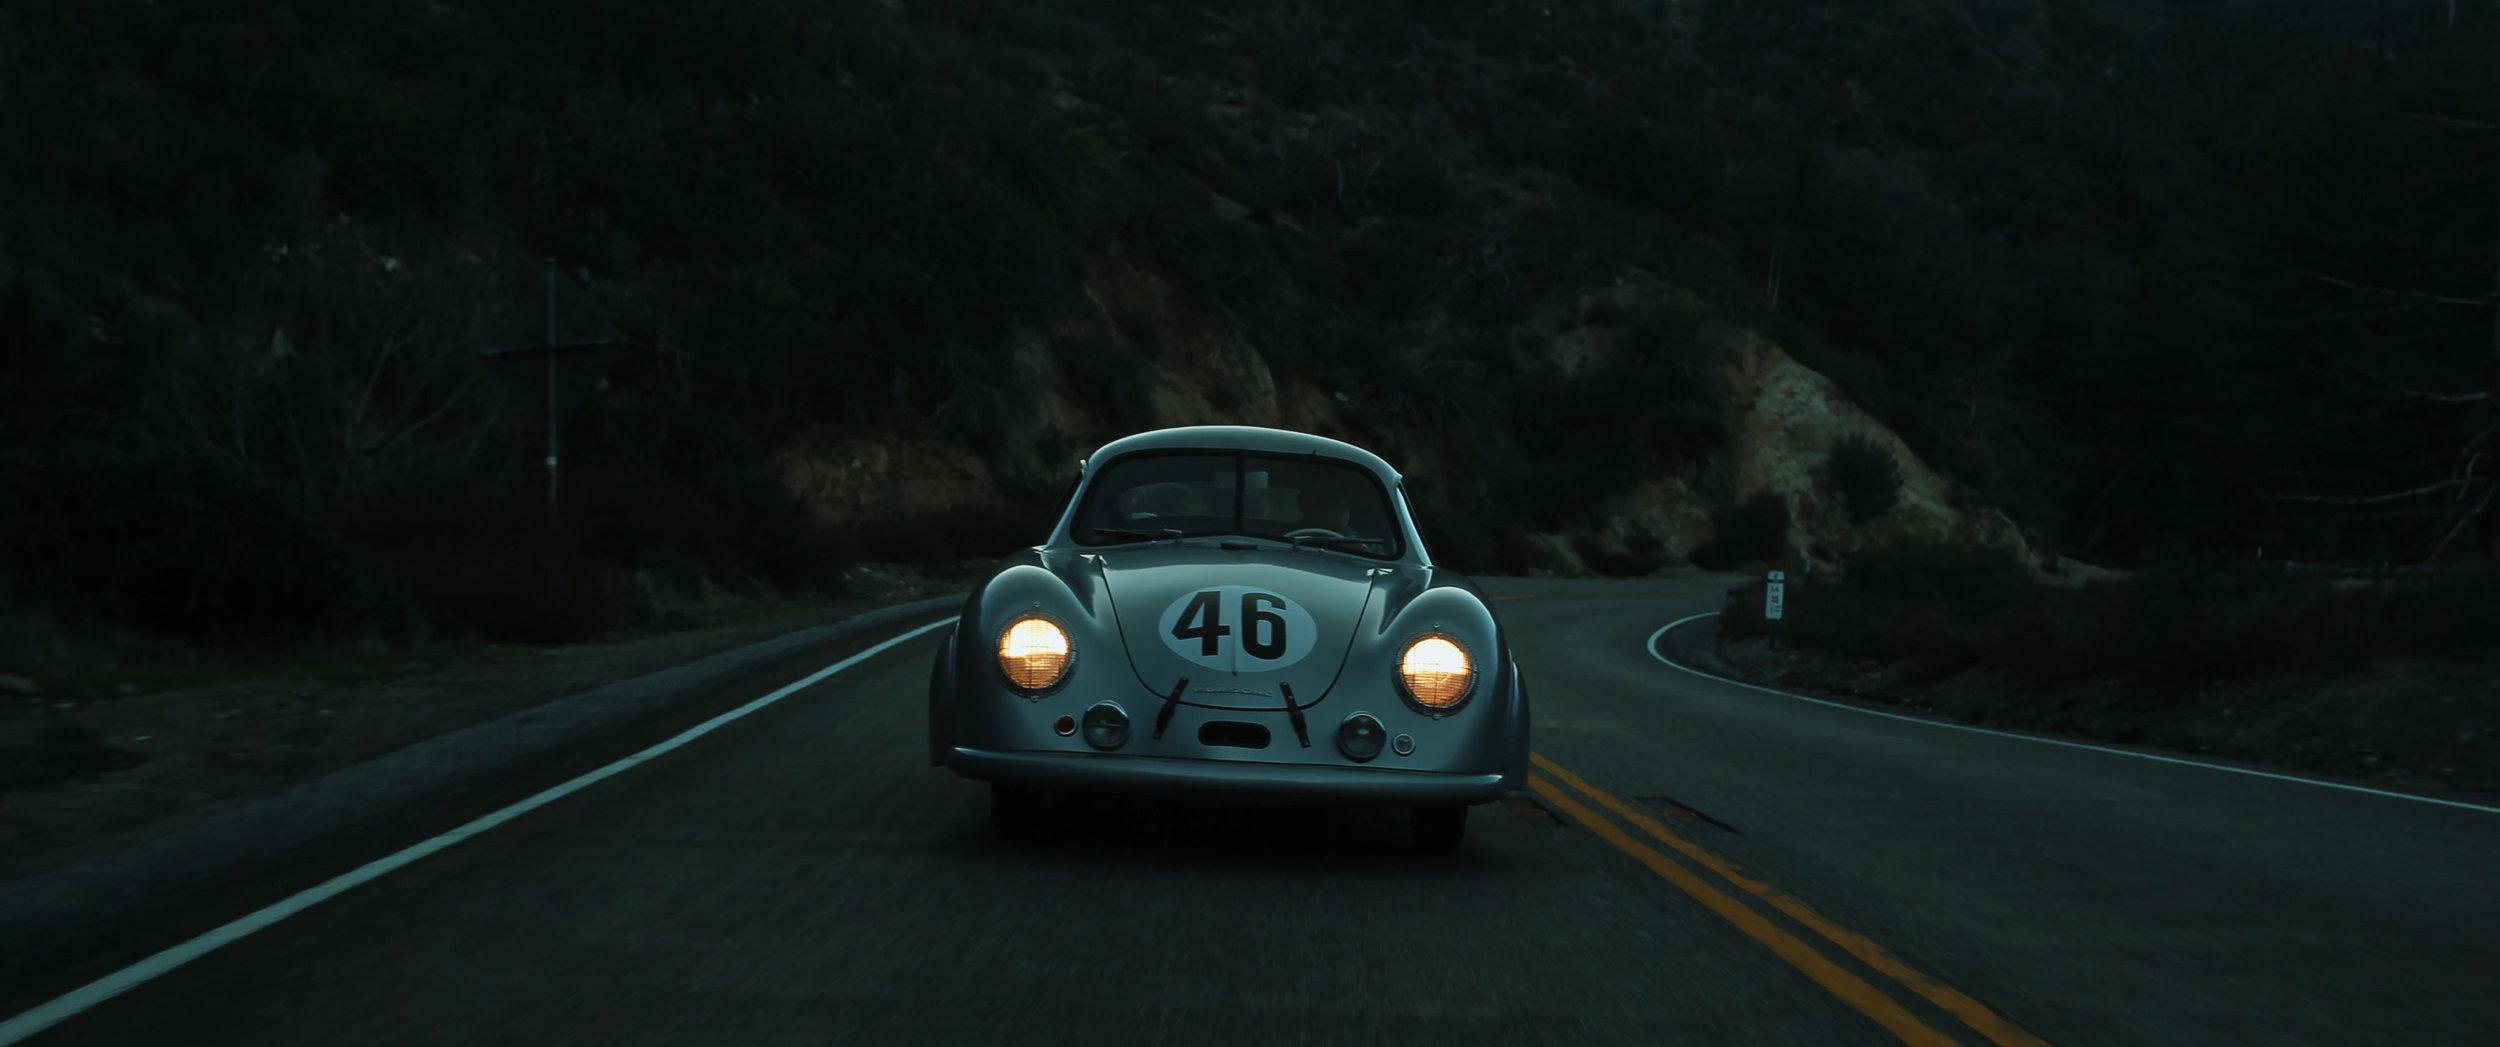 Christophorus Le Mans_v2 4K(cinemascope).mp4.00_03_00_17.Still022.jpg